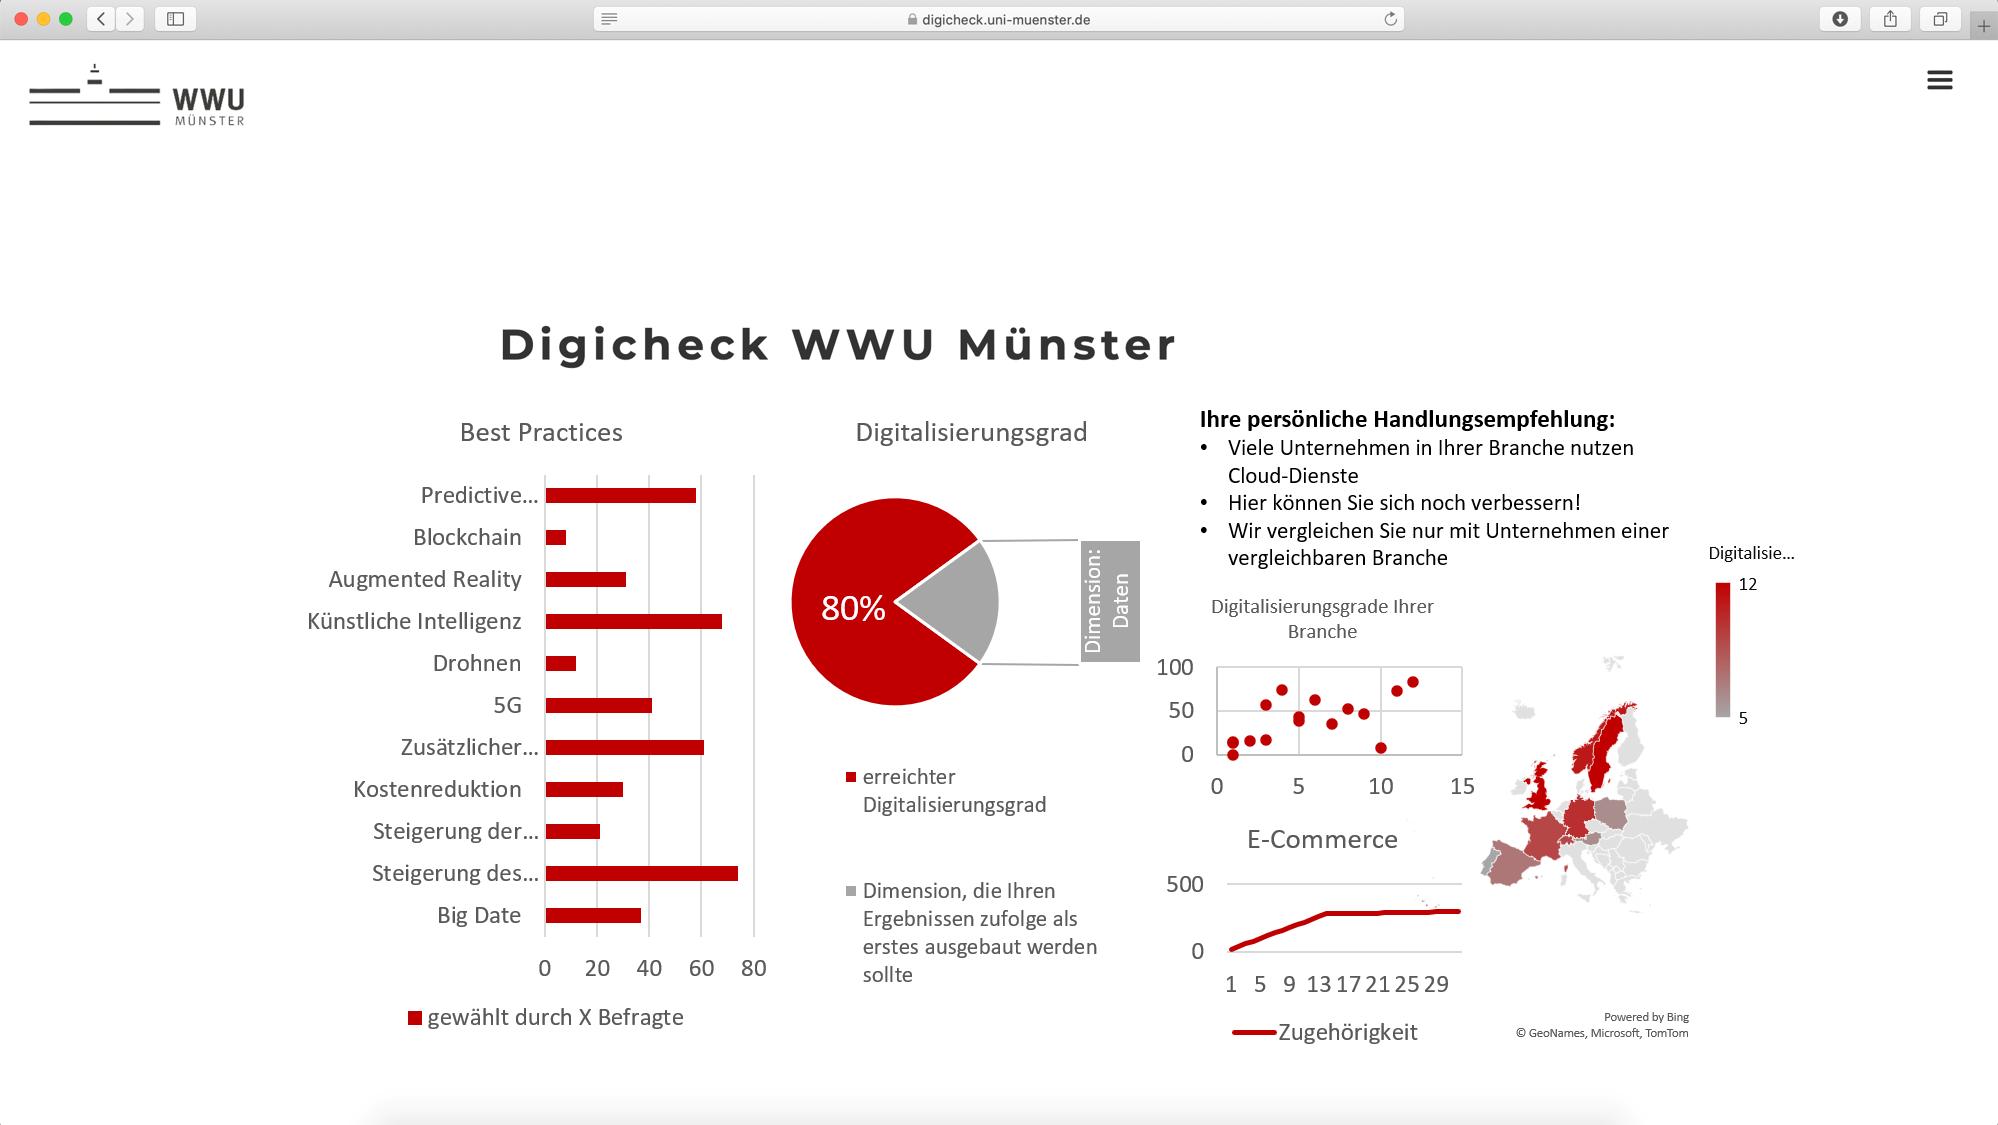 Marketing_Digicheck